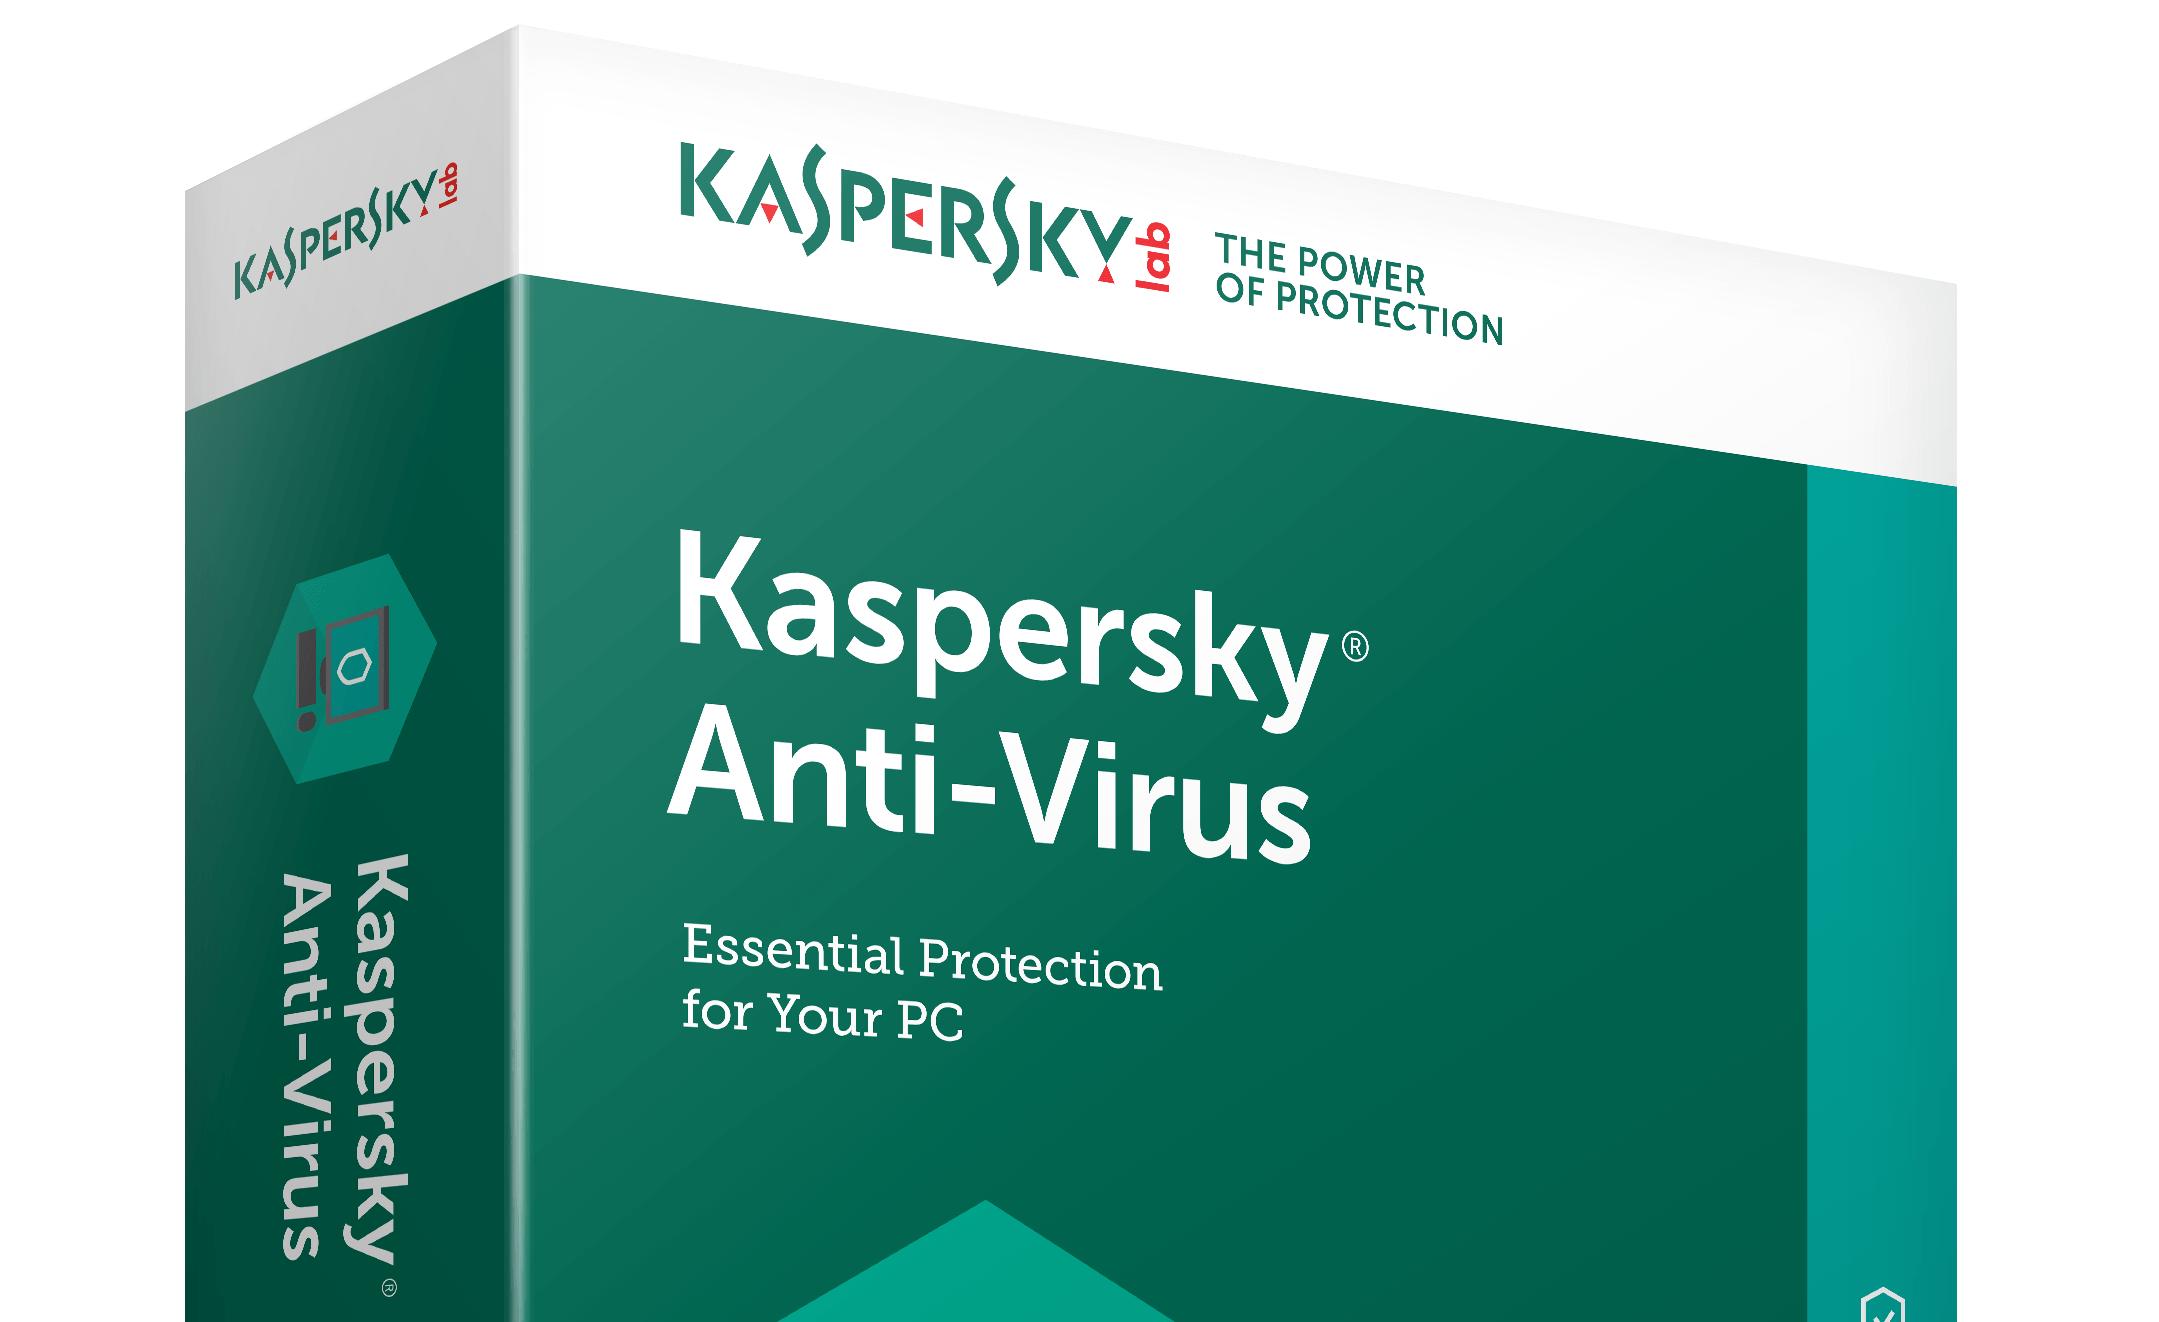 Kaspersky fjernes fra listen over godkjente tilbydere av teknologi til den amerikanske staten.